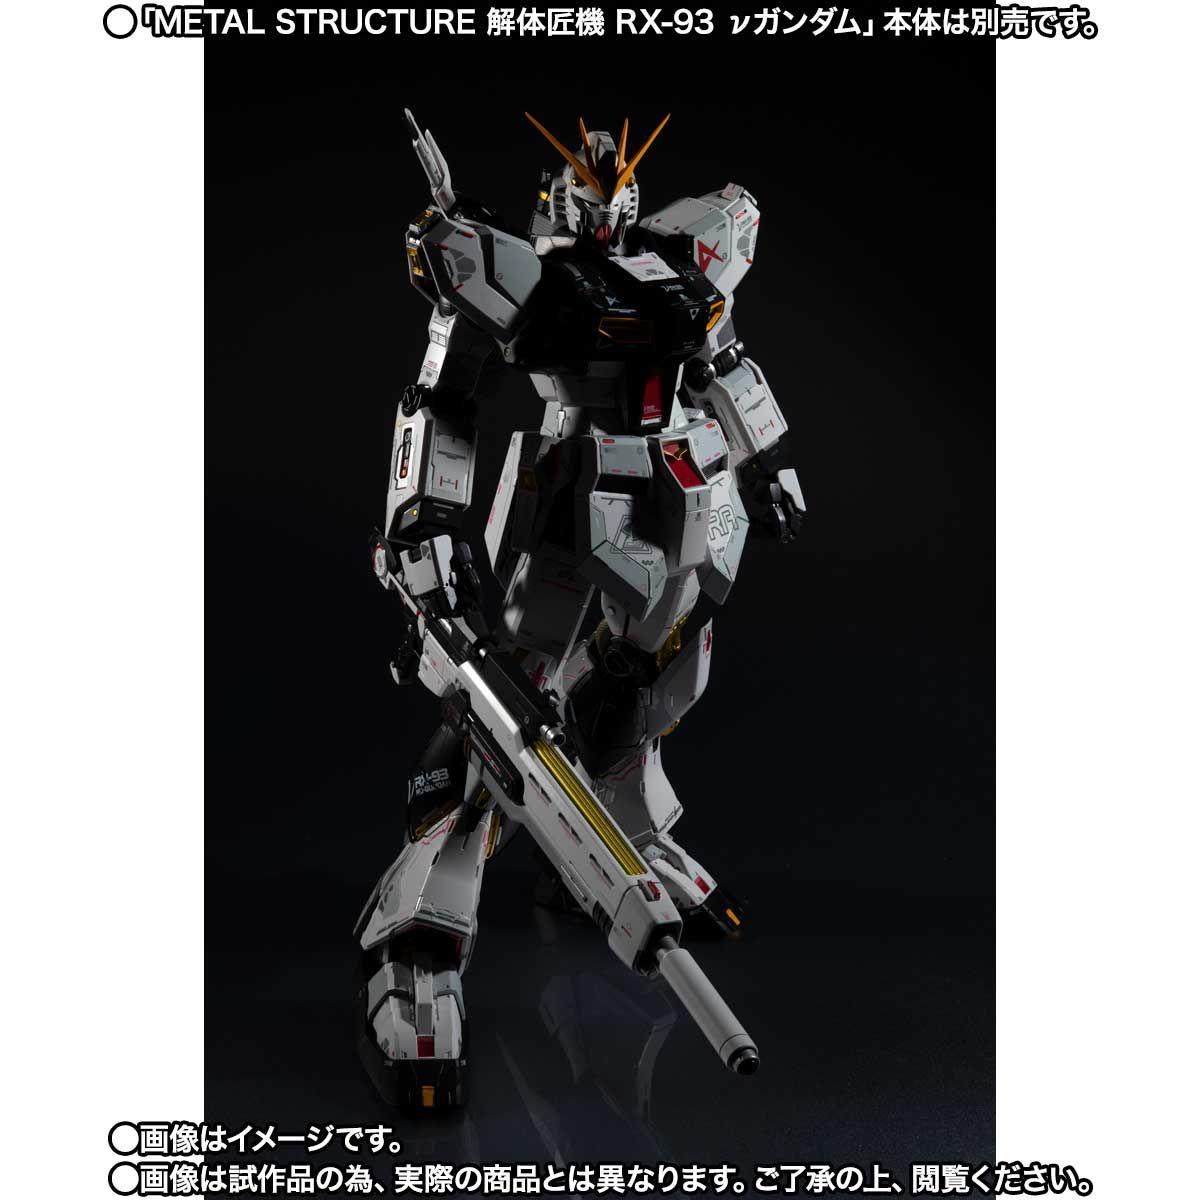 【限定販売】METAL STRUCTURE 解体匠機 RX-93 νガンダム専用オプションパーツ『ロンド・ベルエンジニアズ』セット-005